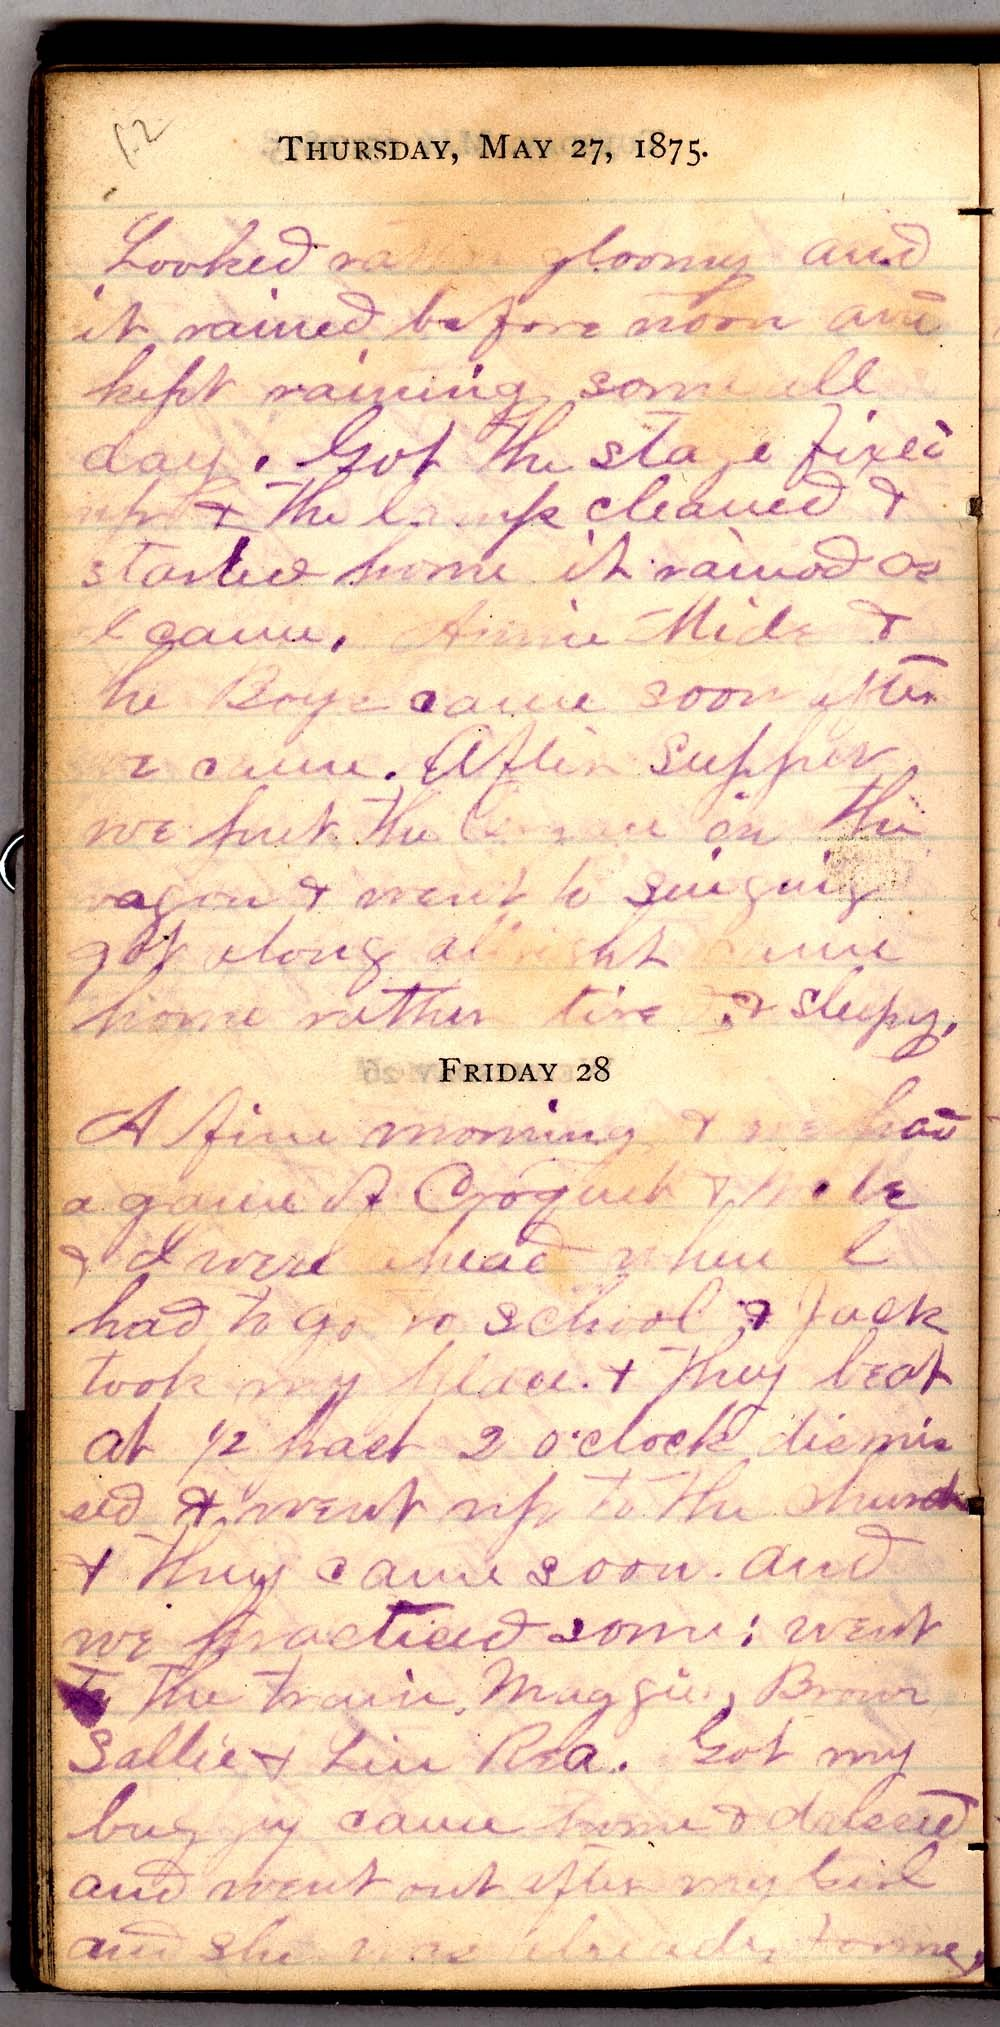 John William Gardiner diary - 12